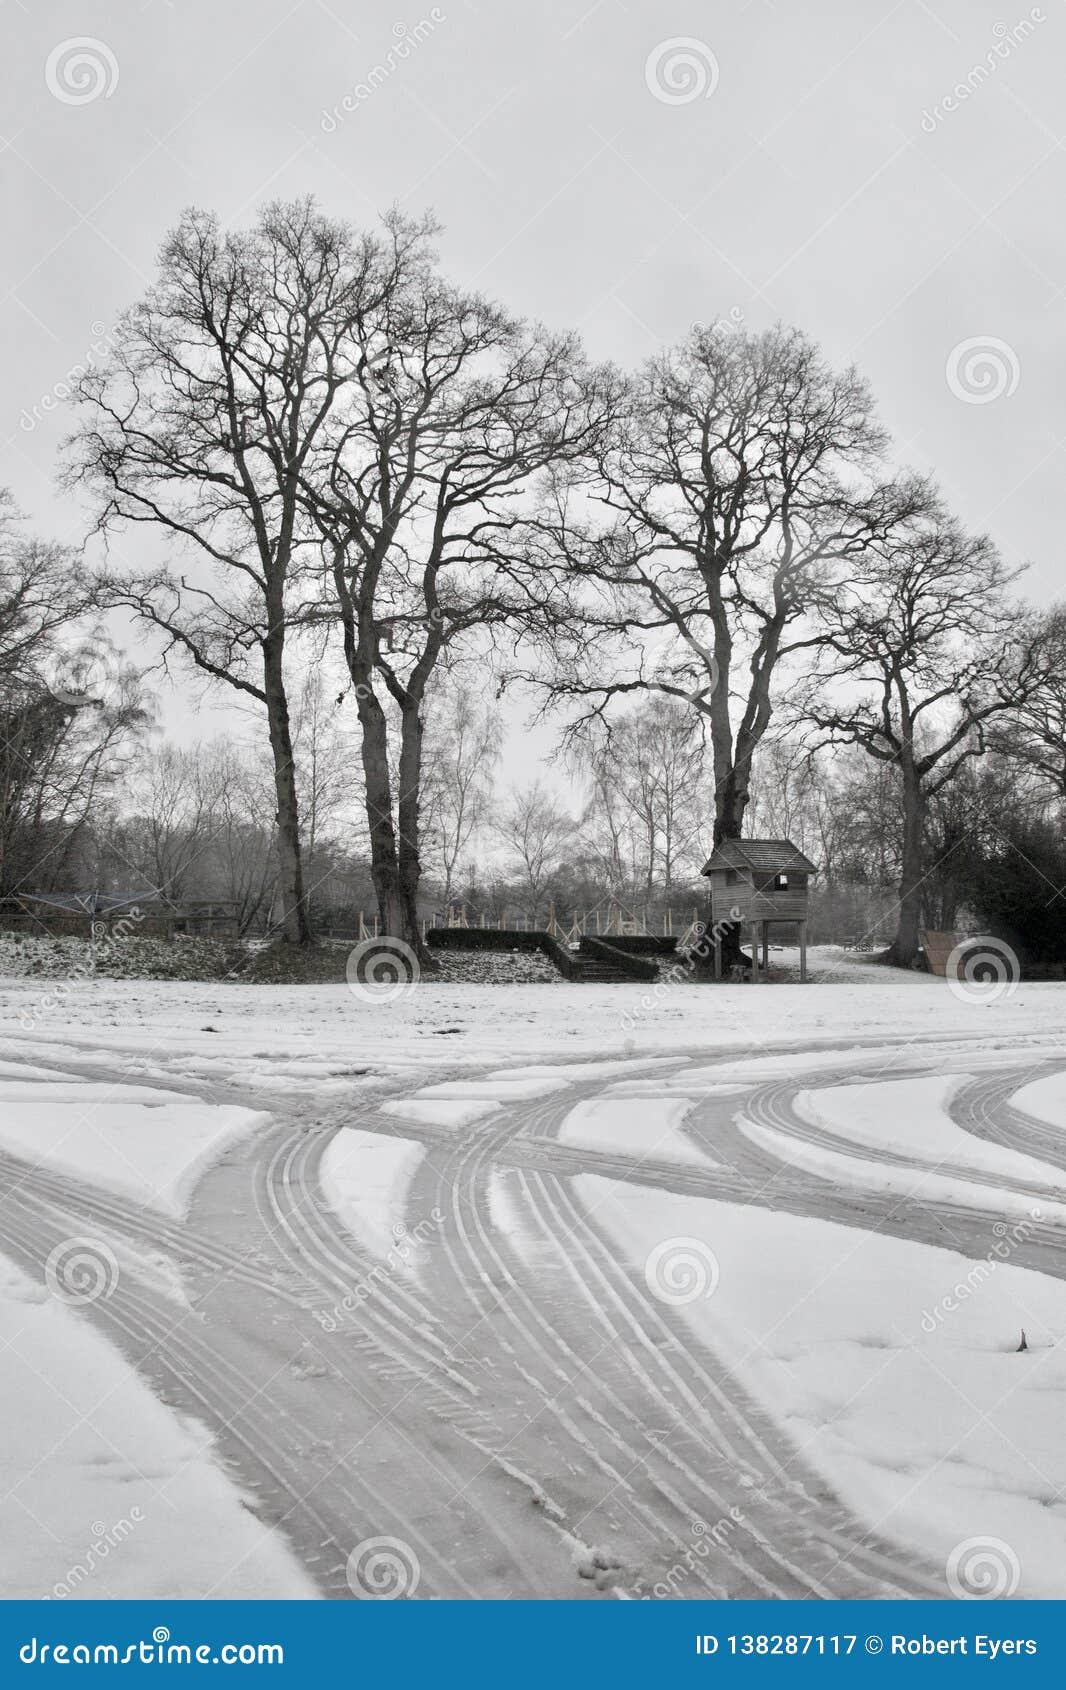 Следы покрышки автомобиля в снеге на подъездной дороге; обнаженные деревья зимы и дом на дереве сада